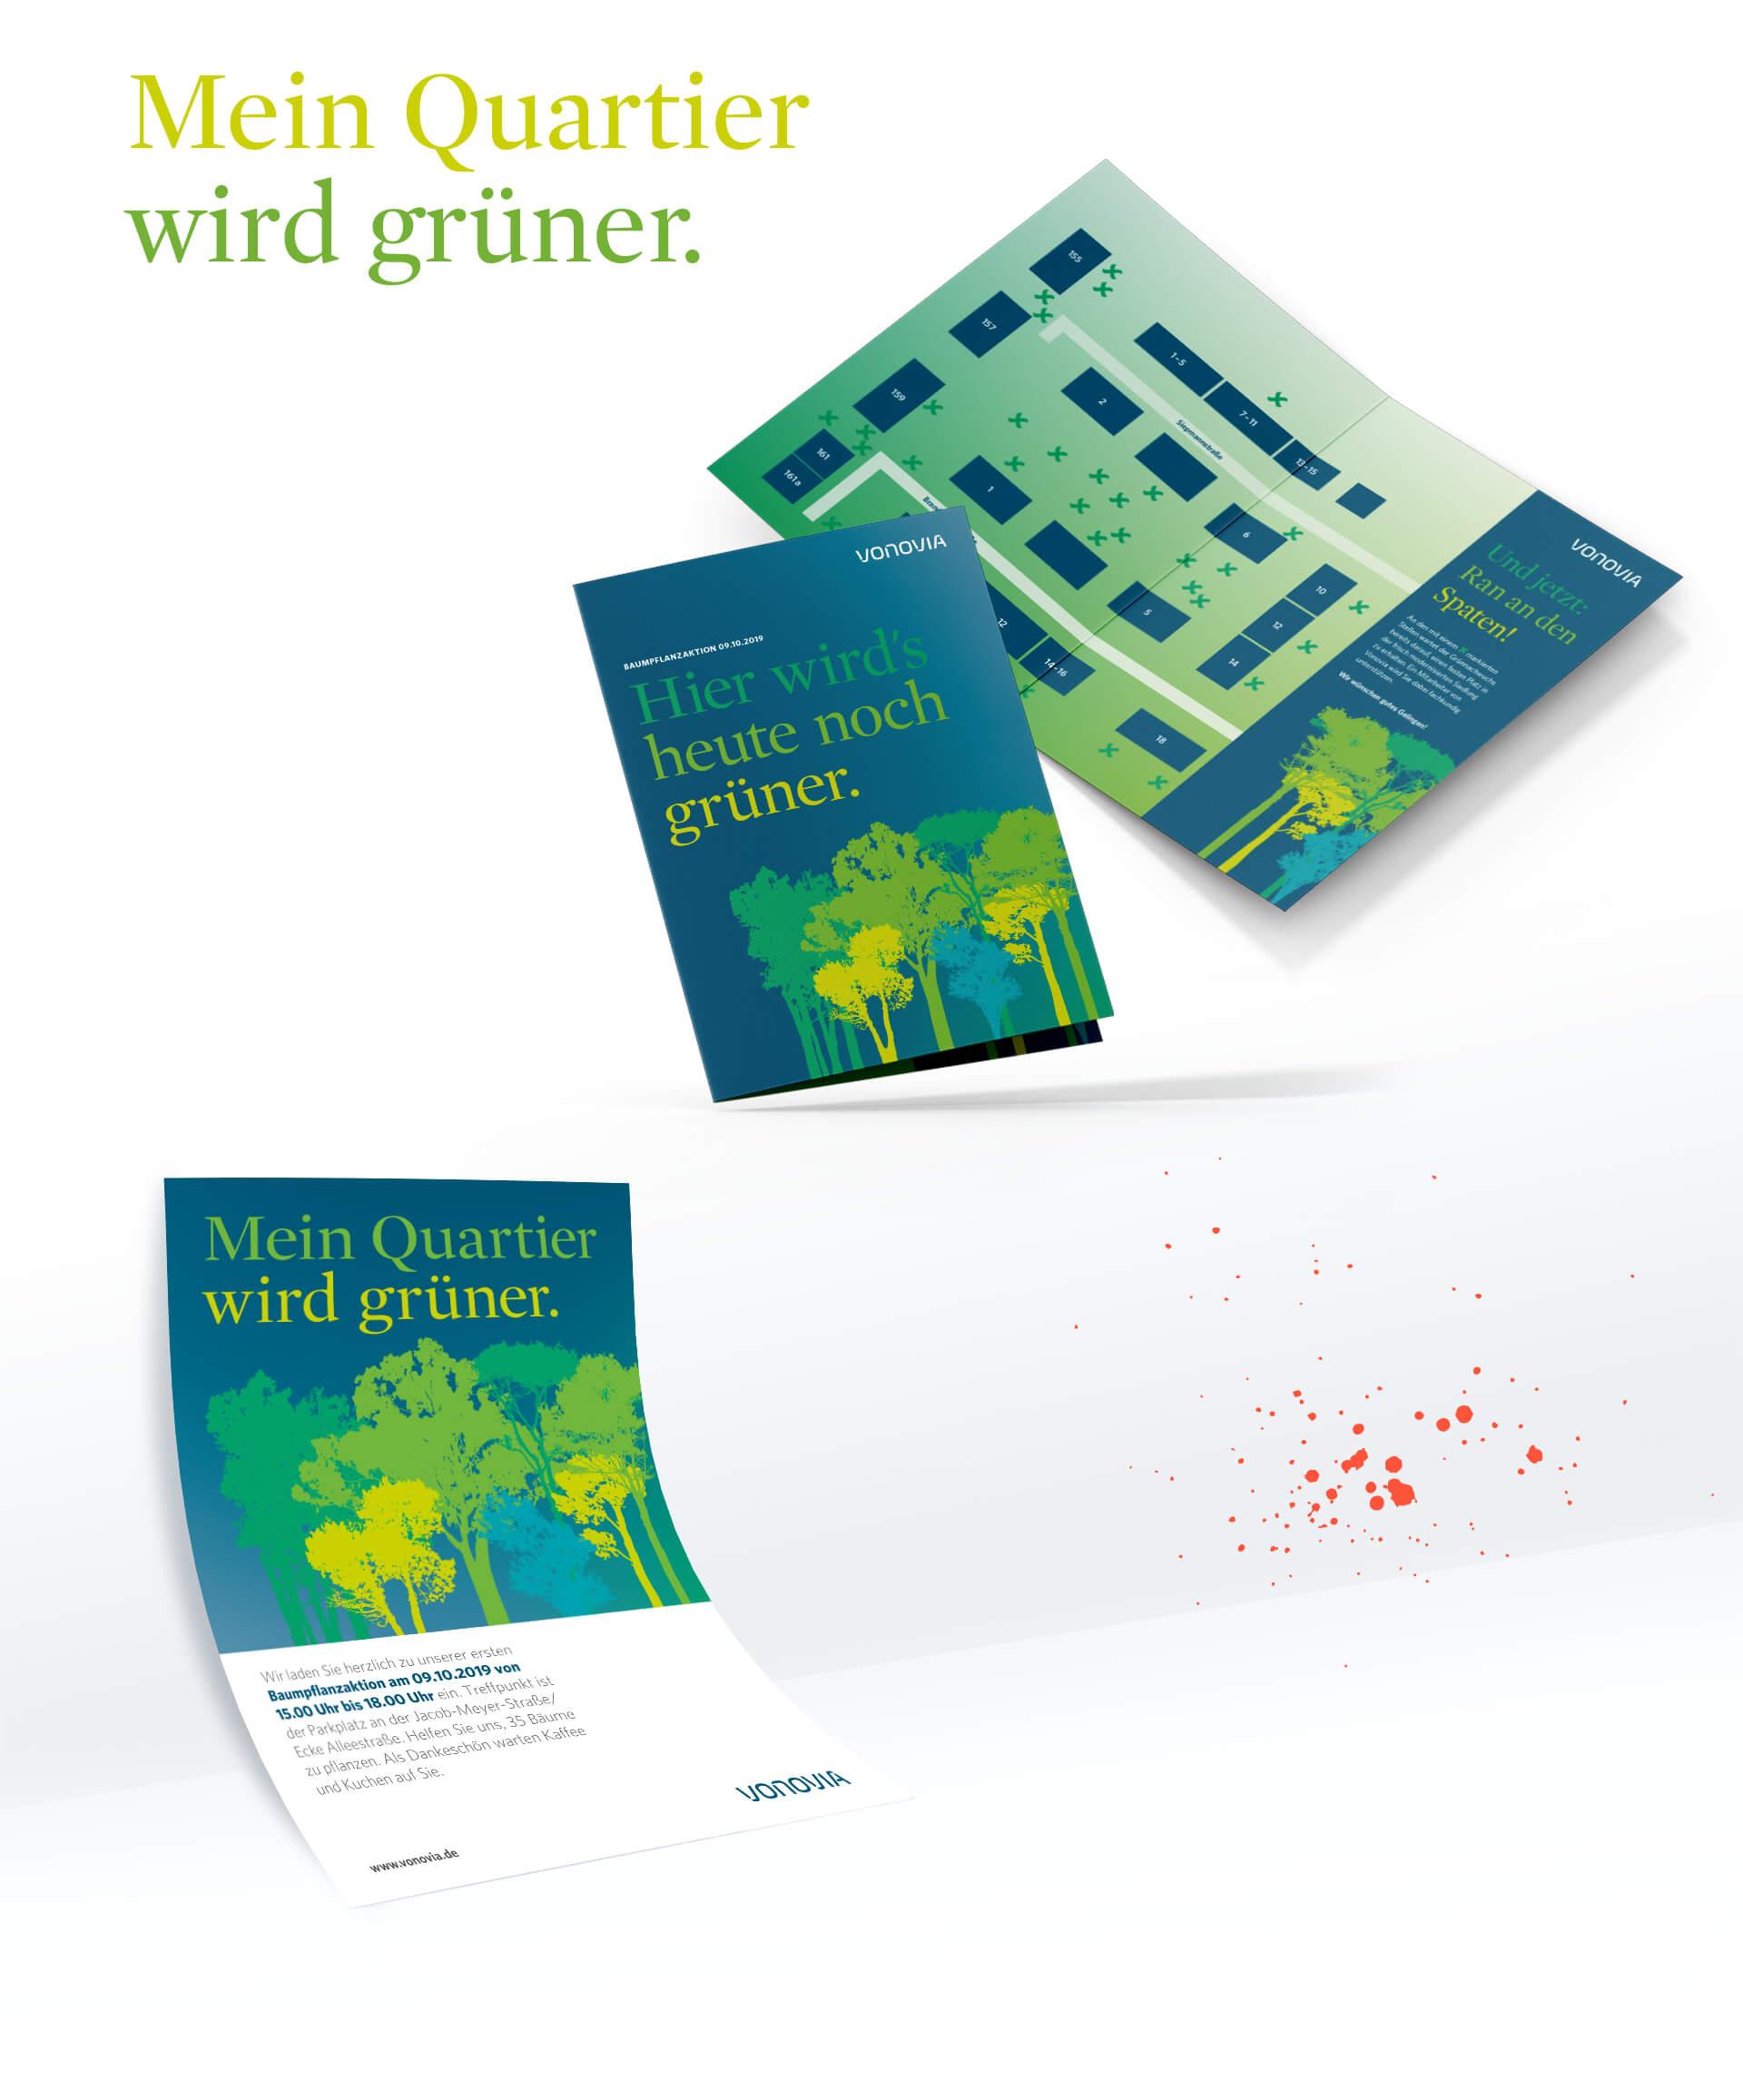 Broschüren und Flyer zu Nachhaltigkeits-Projekten, Baumpflanzaktion